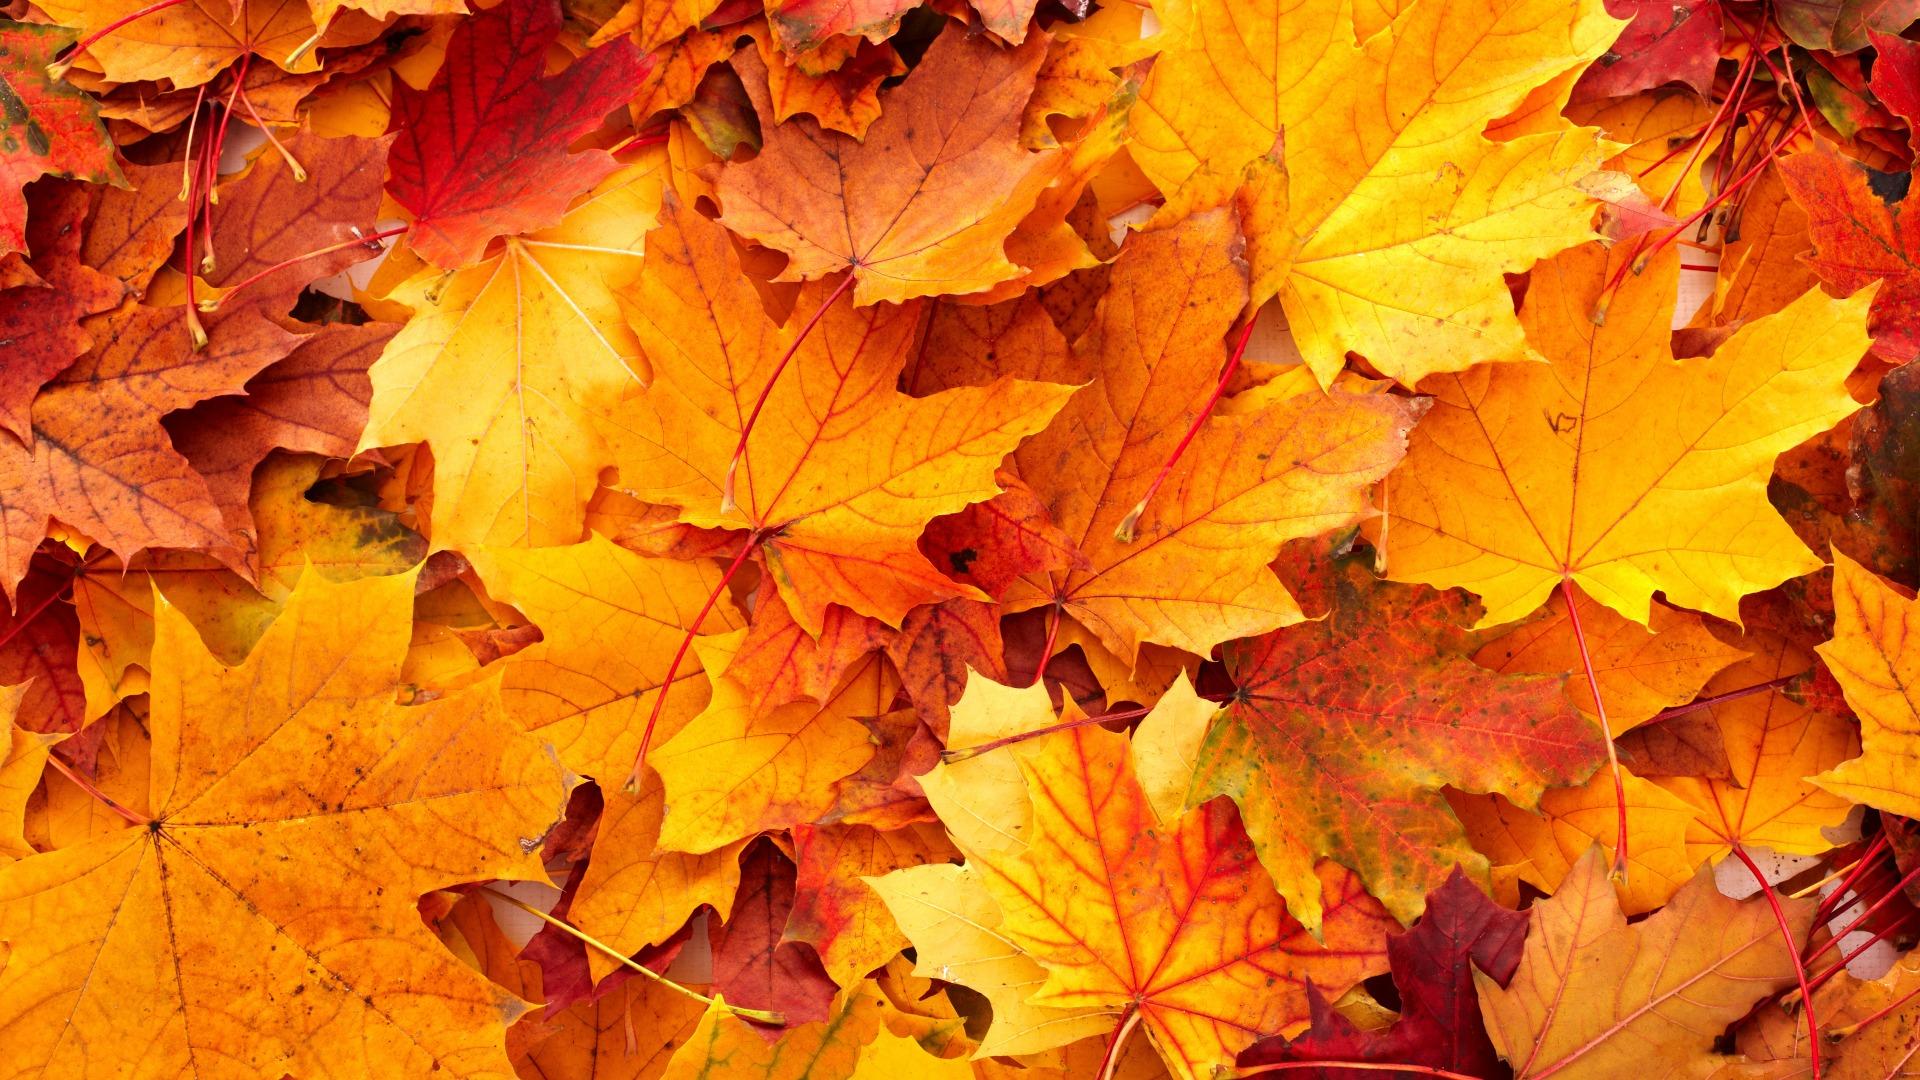 Фотообои для рабочего стола картинки осенних листьев